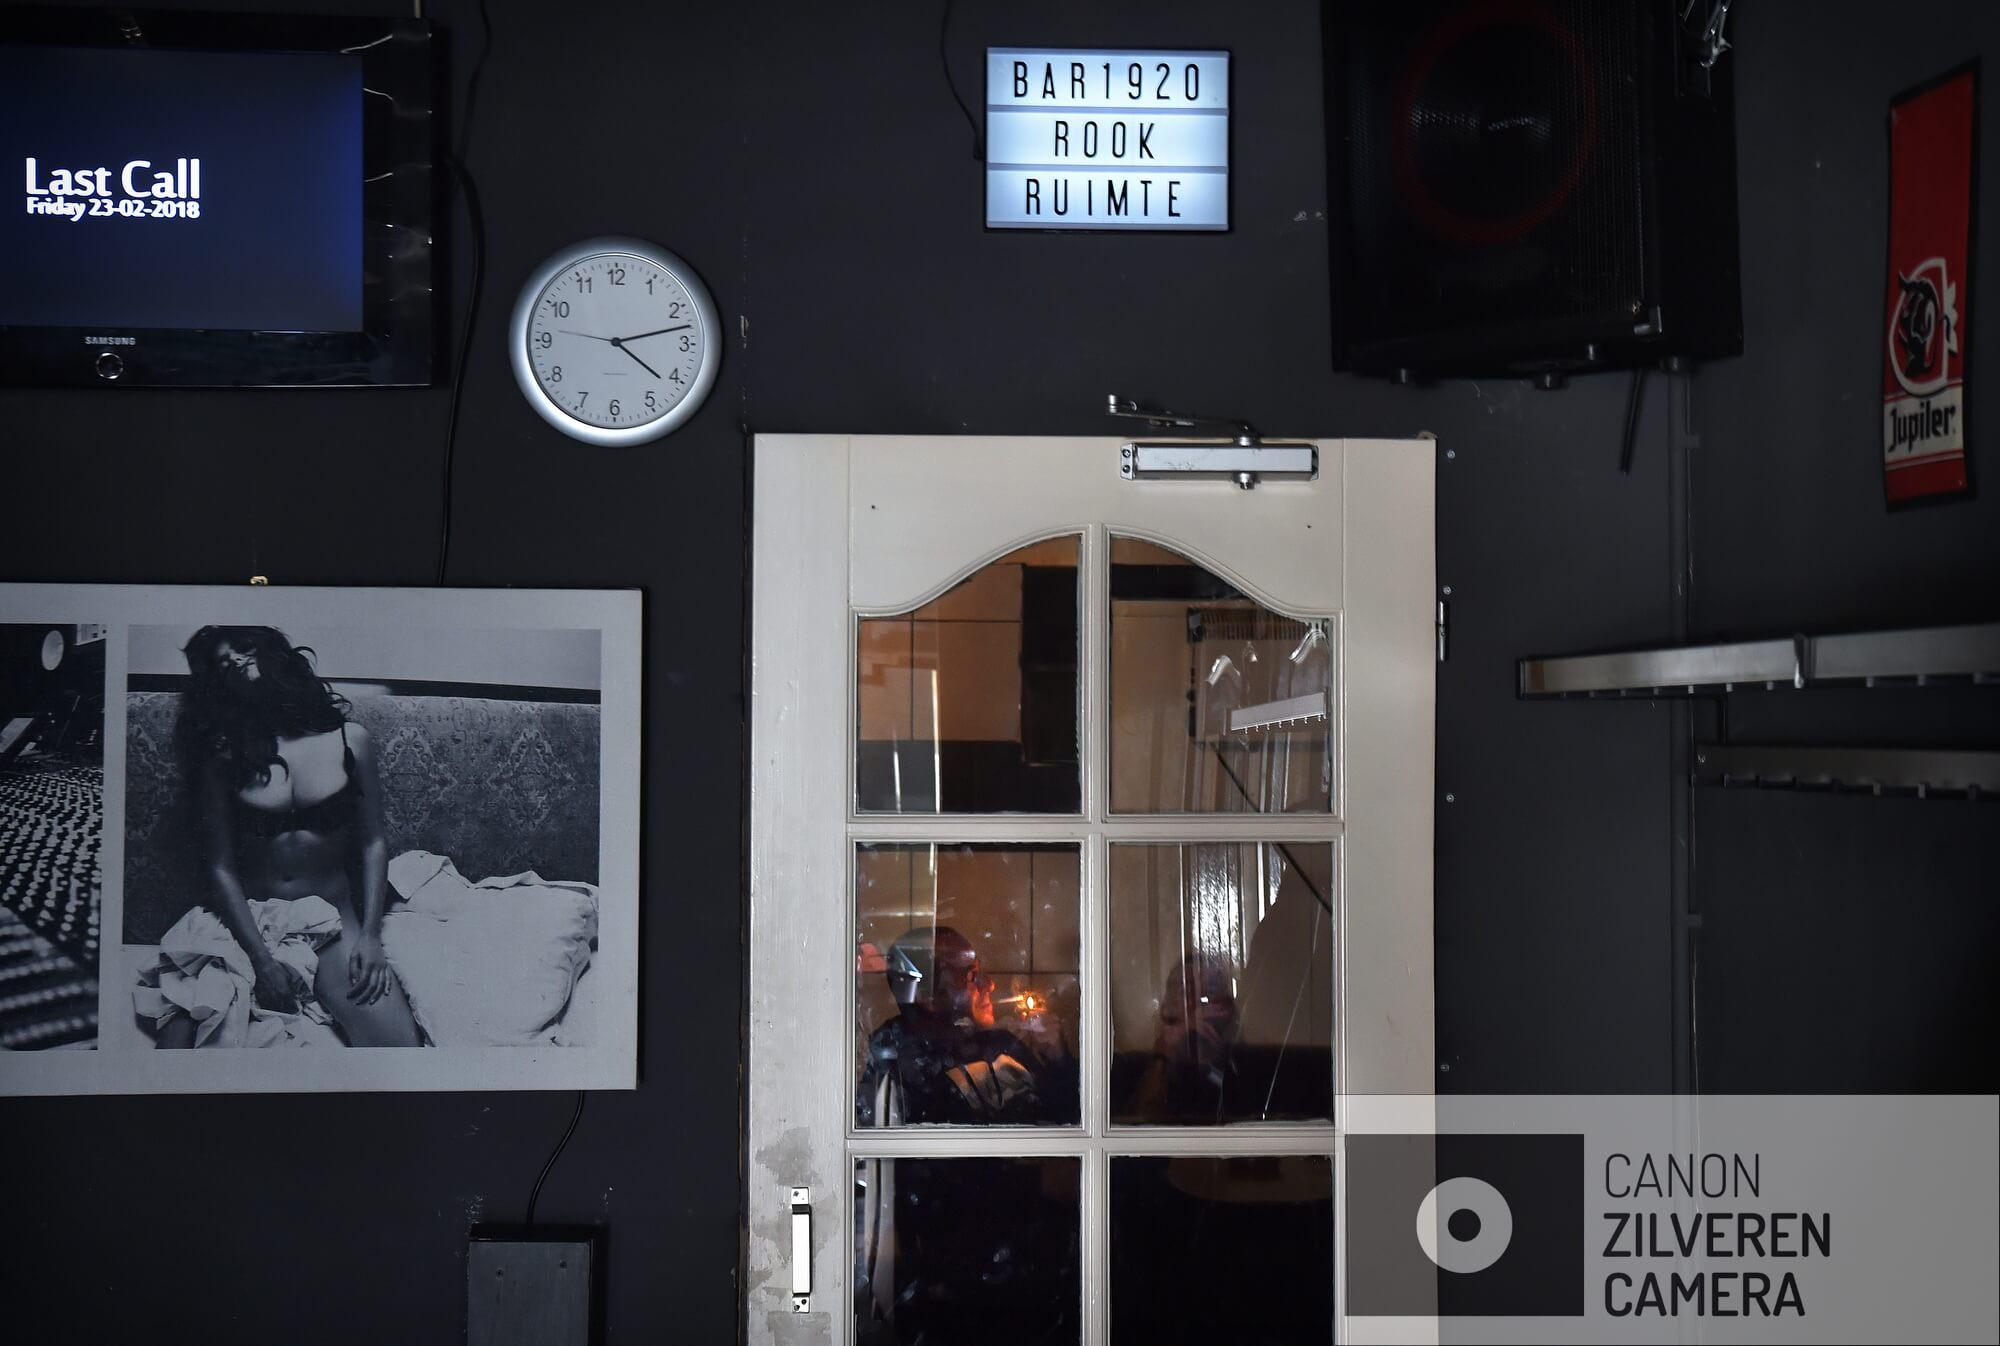 16-2-2018 Druten2dRookruimtes moeten weer worden gesloten. Heeft elke ondernemer inmiddels eindelijk een inpandige rookruimte gebouwd. En nu moet die ruimte per 1 juli 2022 weer verdwijnen. Het ontmoedigingsbeleid van de overheid met betrekking tot roken zet zich voort.rookruimte in horeca in Bar 1920